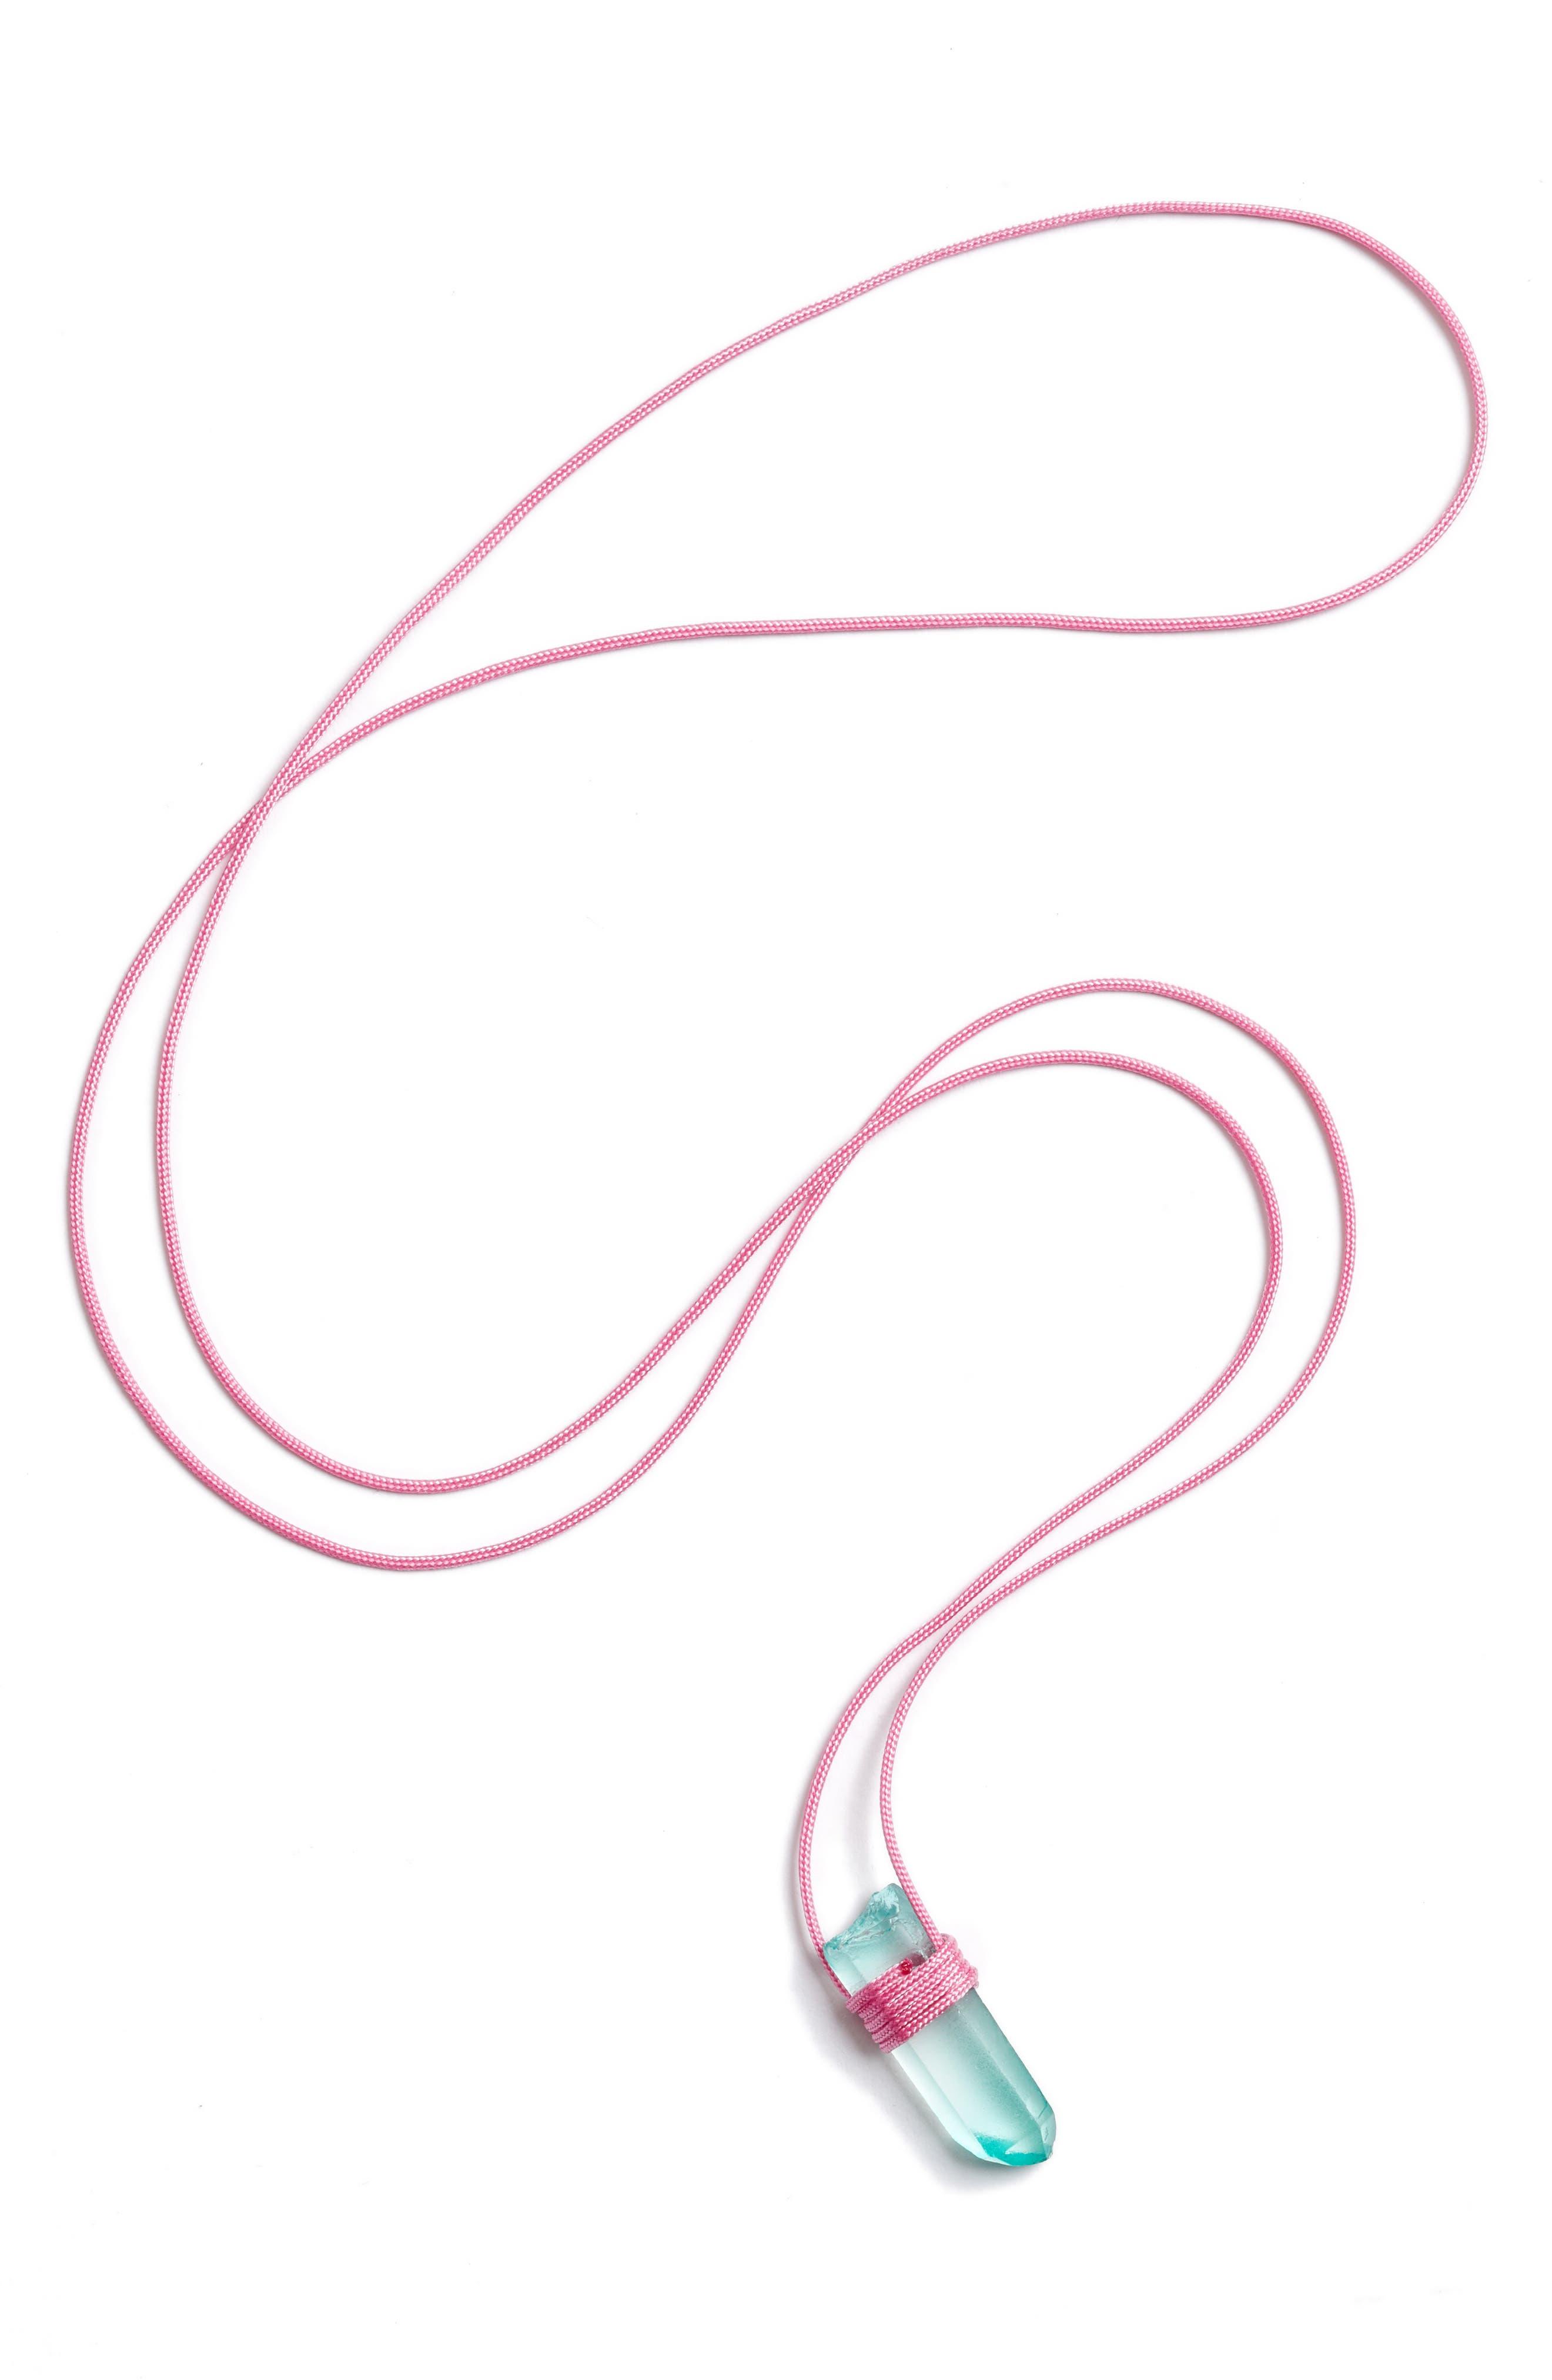 Main Image - Tina Lilienthal Green Quartz Pendant Necklace